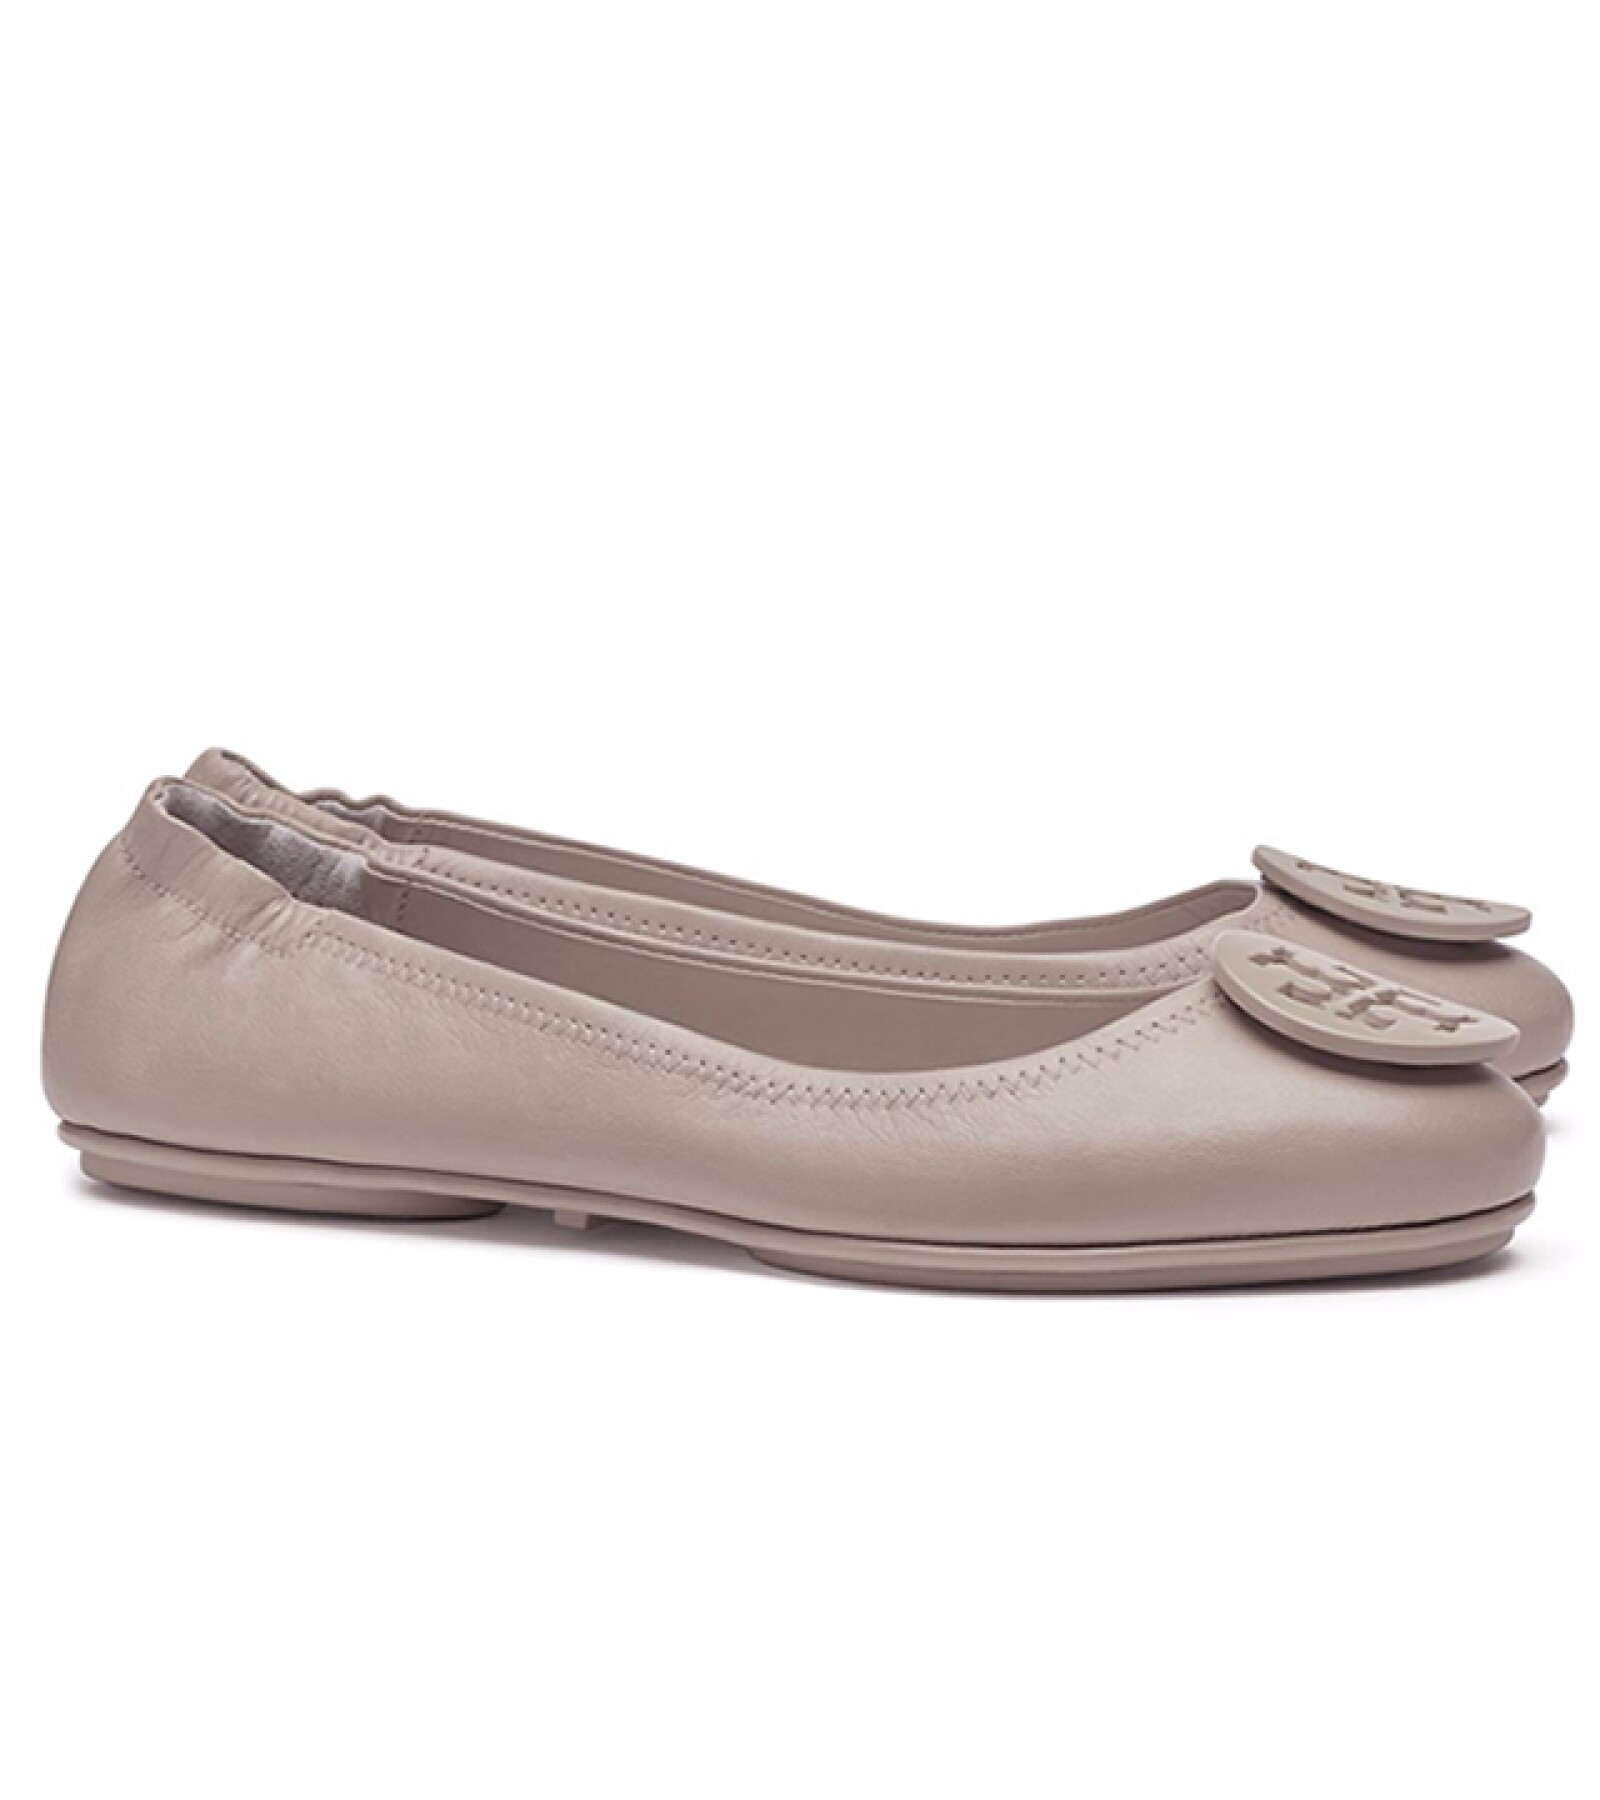 Tory Burch: Logo Minnie Travel Ballet Flat. Estos flats son ideales para cualquier viajera. De piel y súper cómodos, puedes doblarlos para guardarlos en cualquier lugar. Precio aprox. 3,825 pesos. toryburch.com